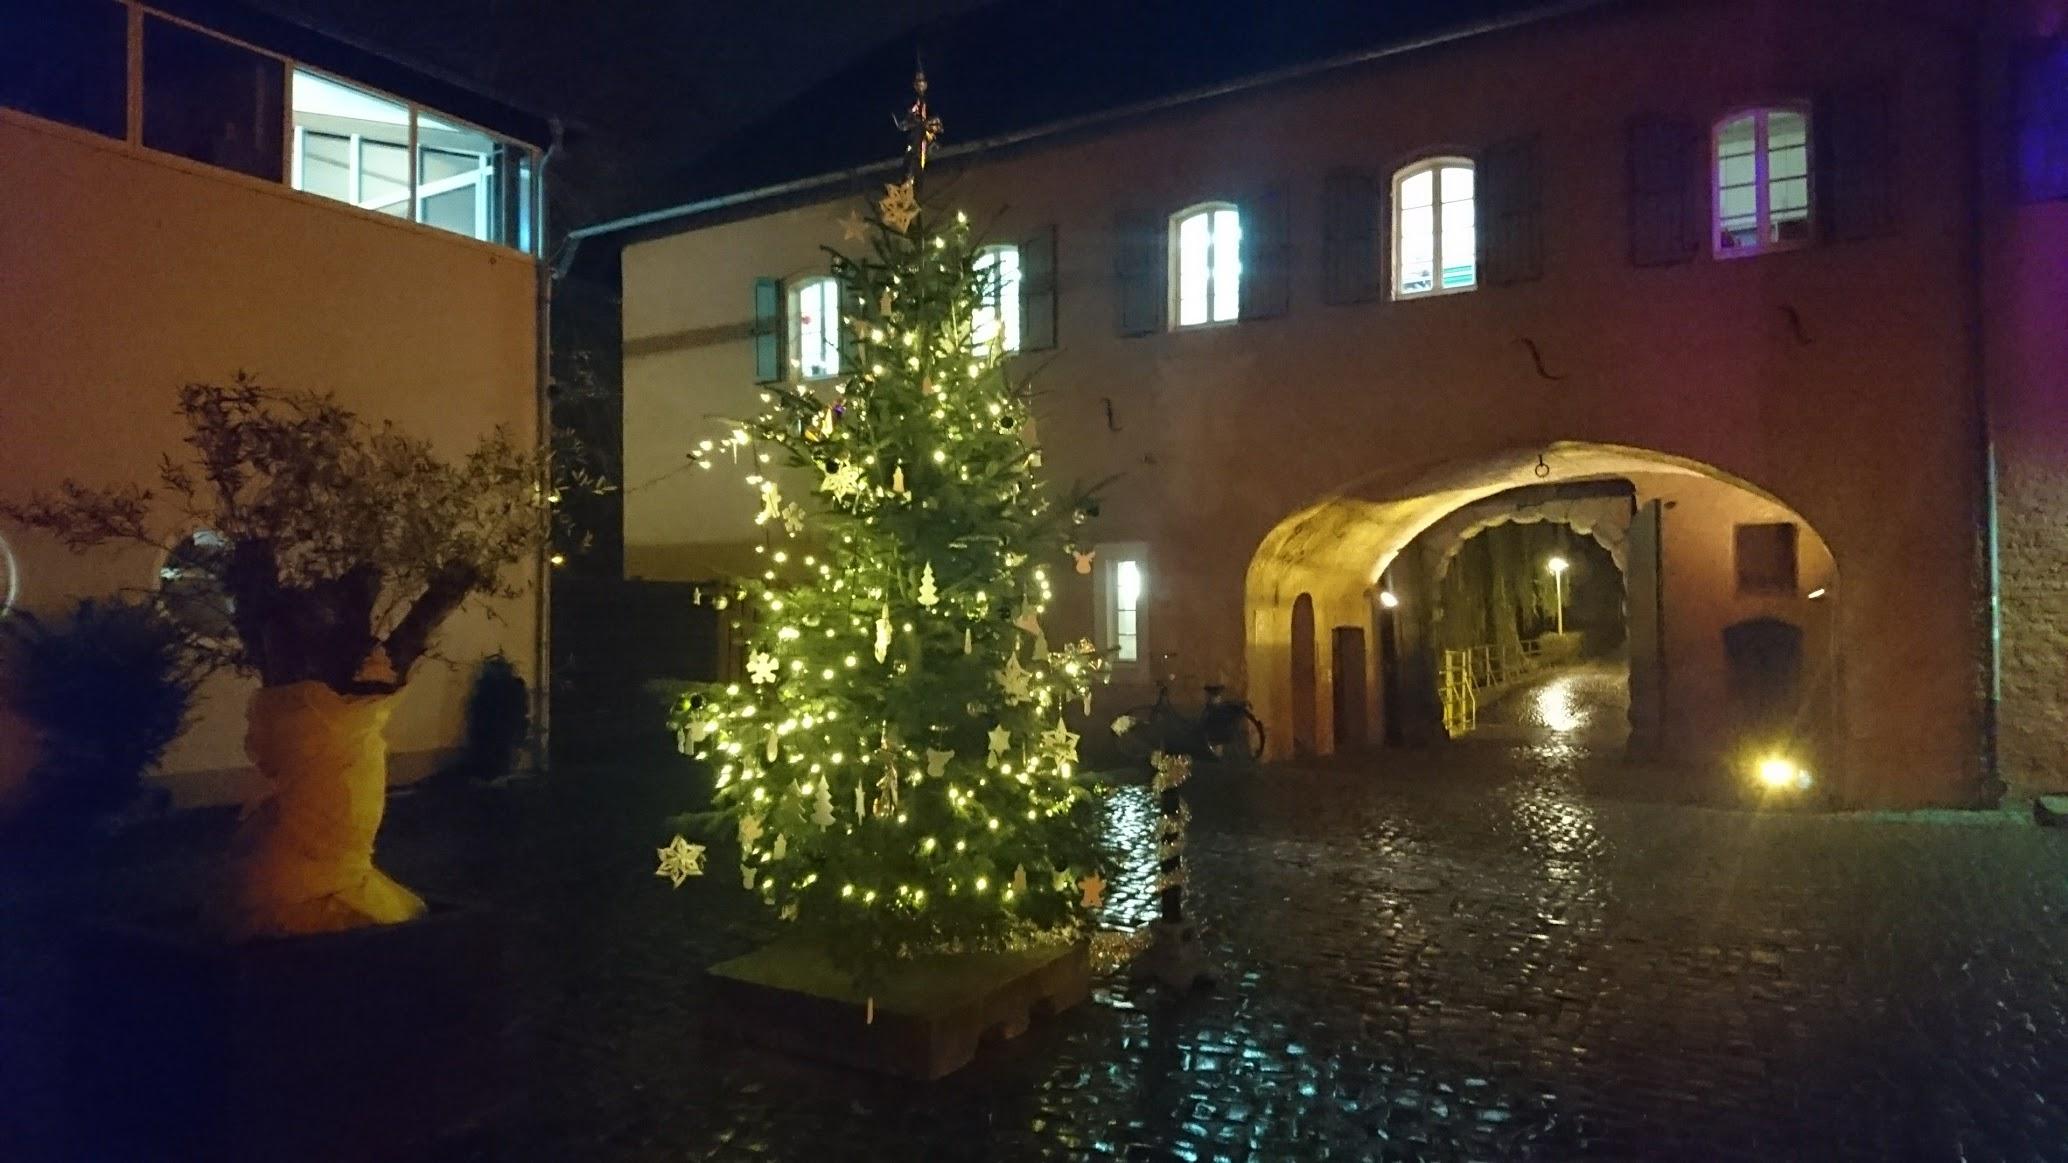 Schloss Rheydt Innenhof bei Nacht